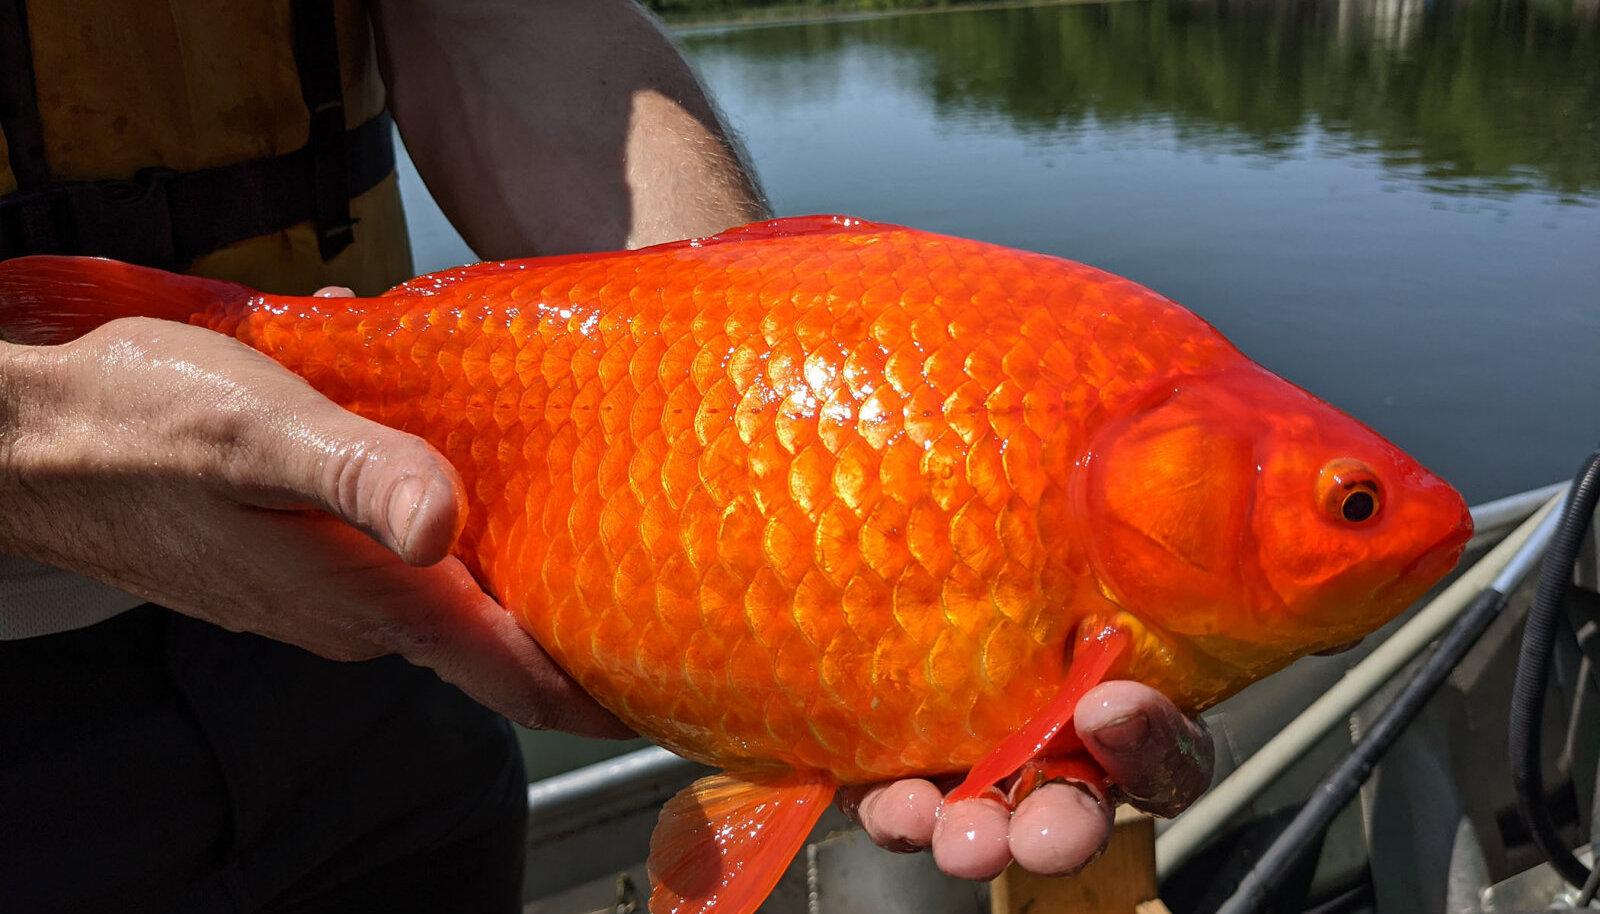 Burnsville'i veekogust kätte saadud kuldkala.